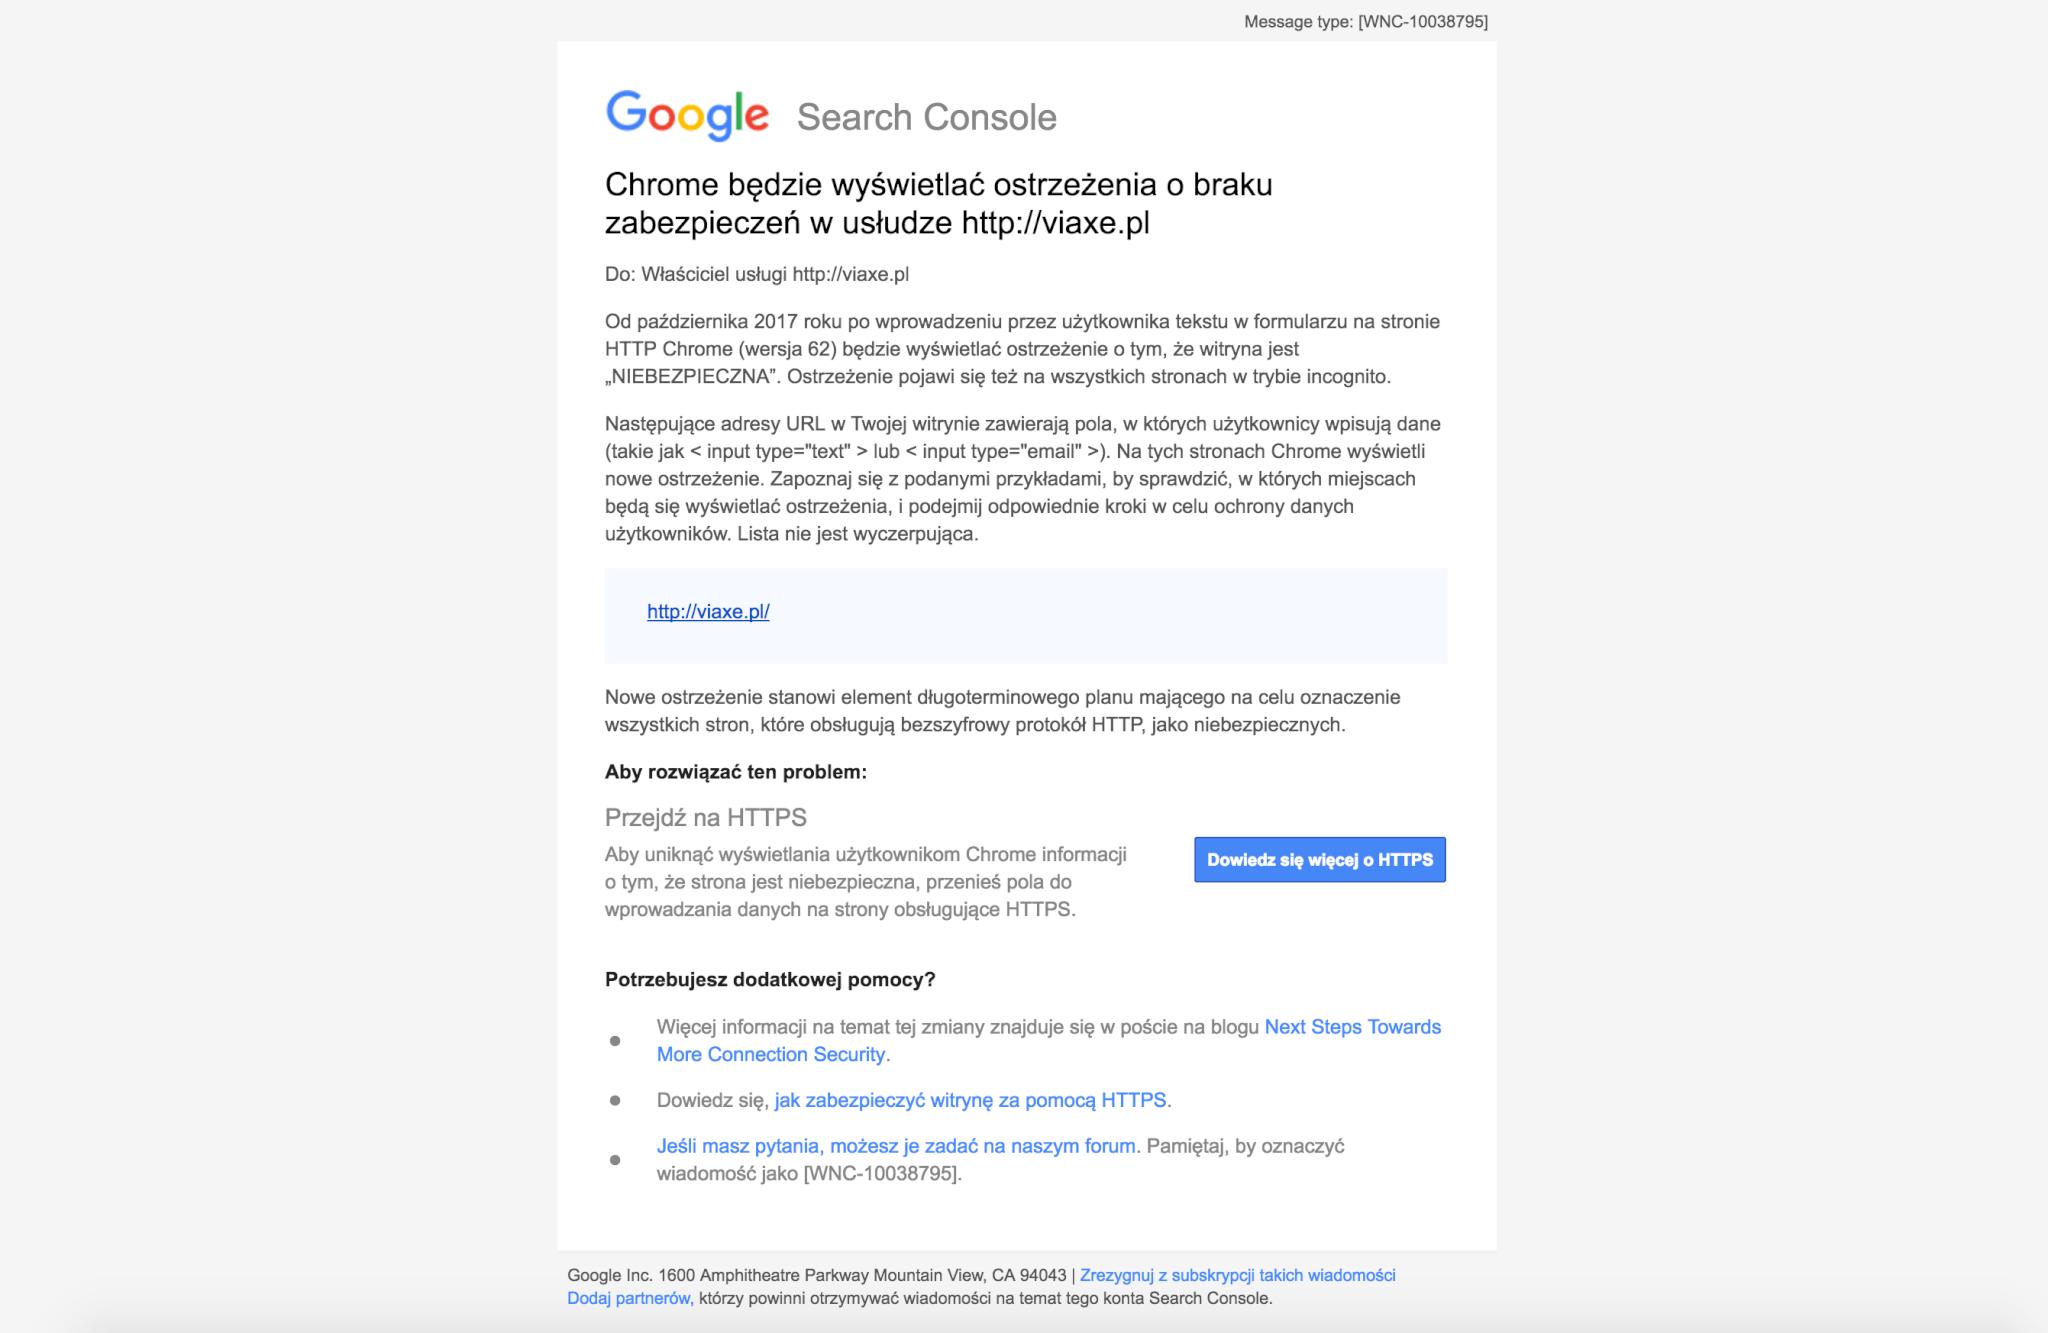 Chrome będzie wyświetlać ostrzeżenia o braku zabezpieczeń